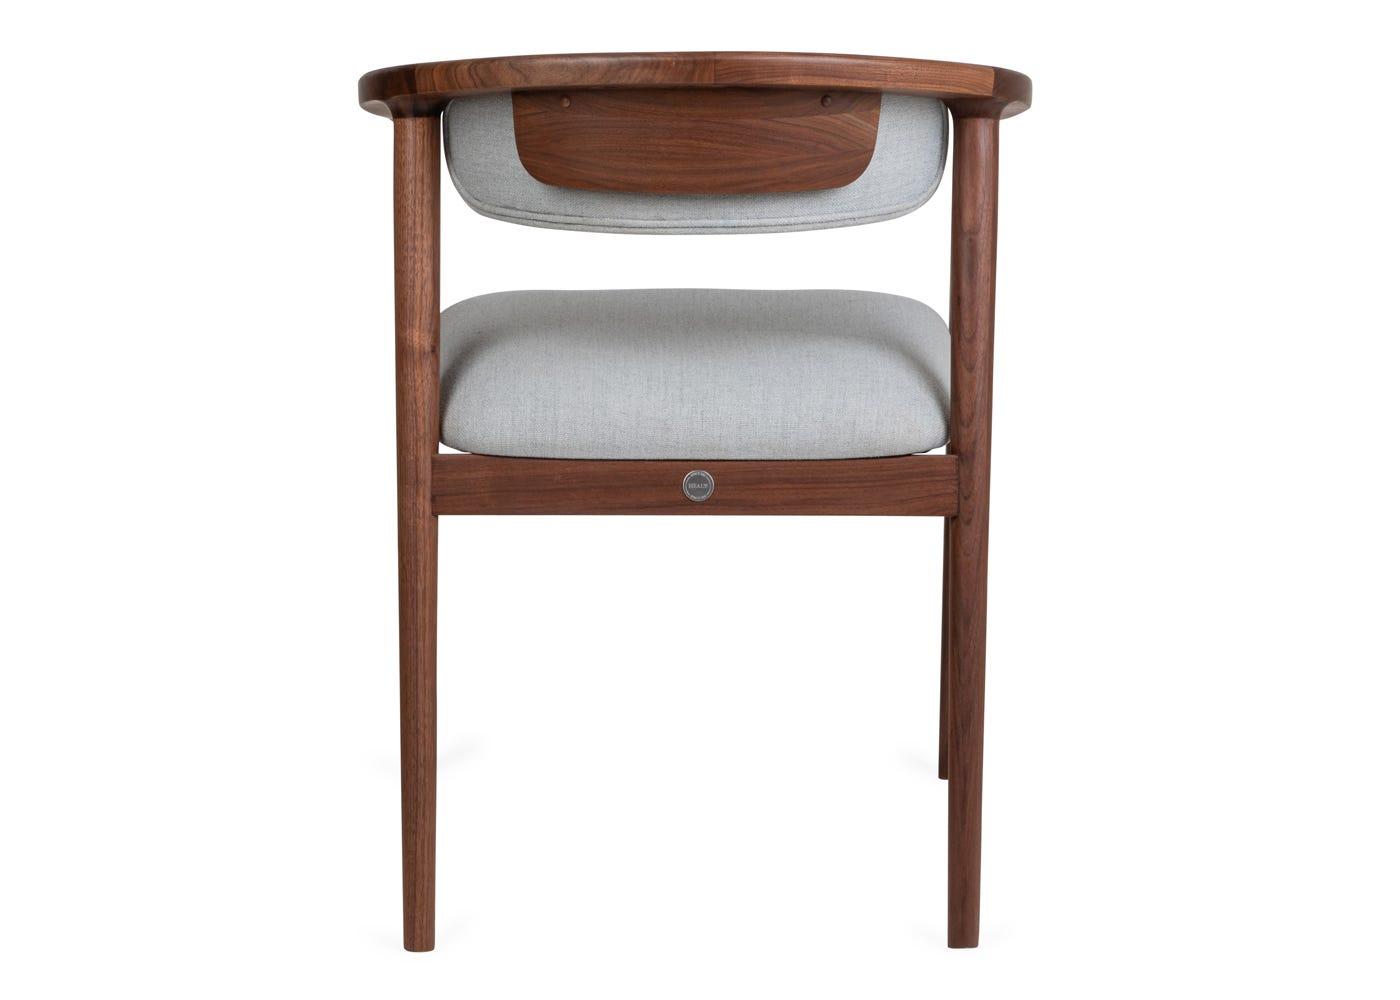 As shown Anais Dining Chair - Rear profile.